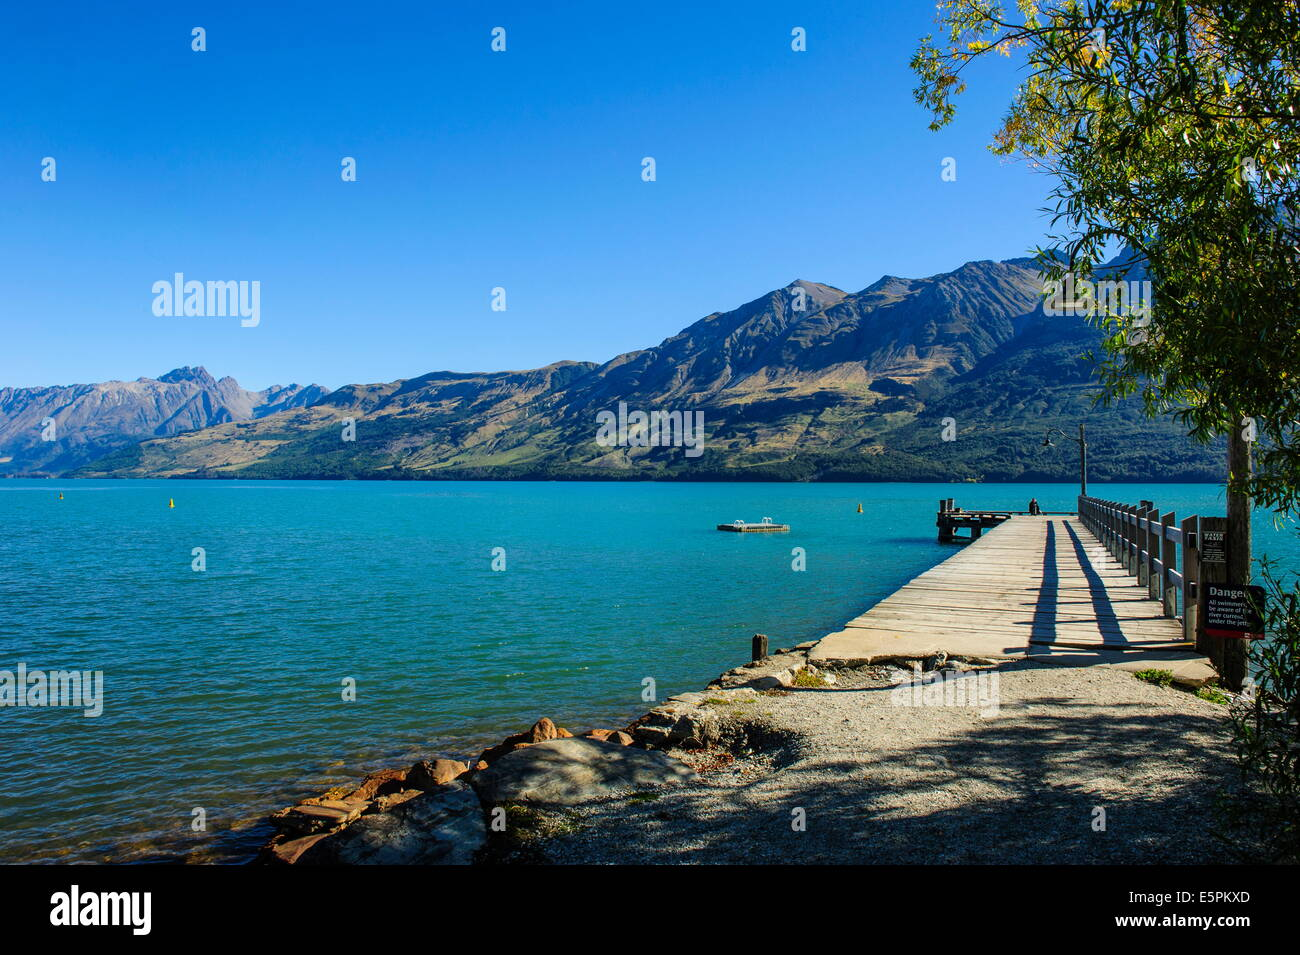 L'eau turquoise du lac Wakatipu, Glenorchy, près de Queenstown, Otago, île du Sud, Nouvelle-Zélande, Pacifique Banque D'Images